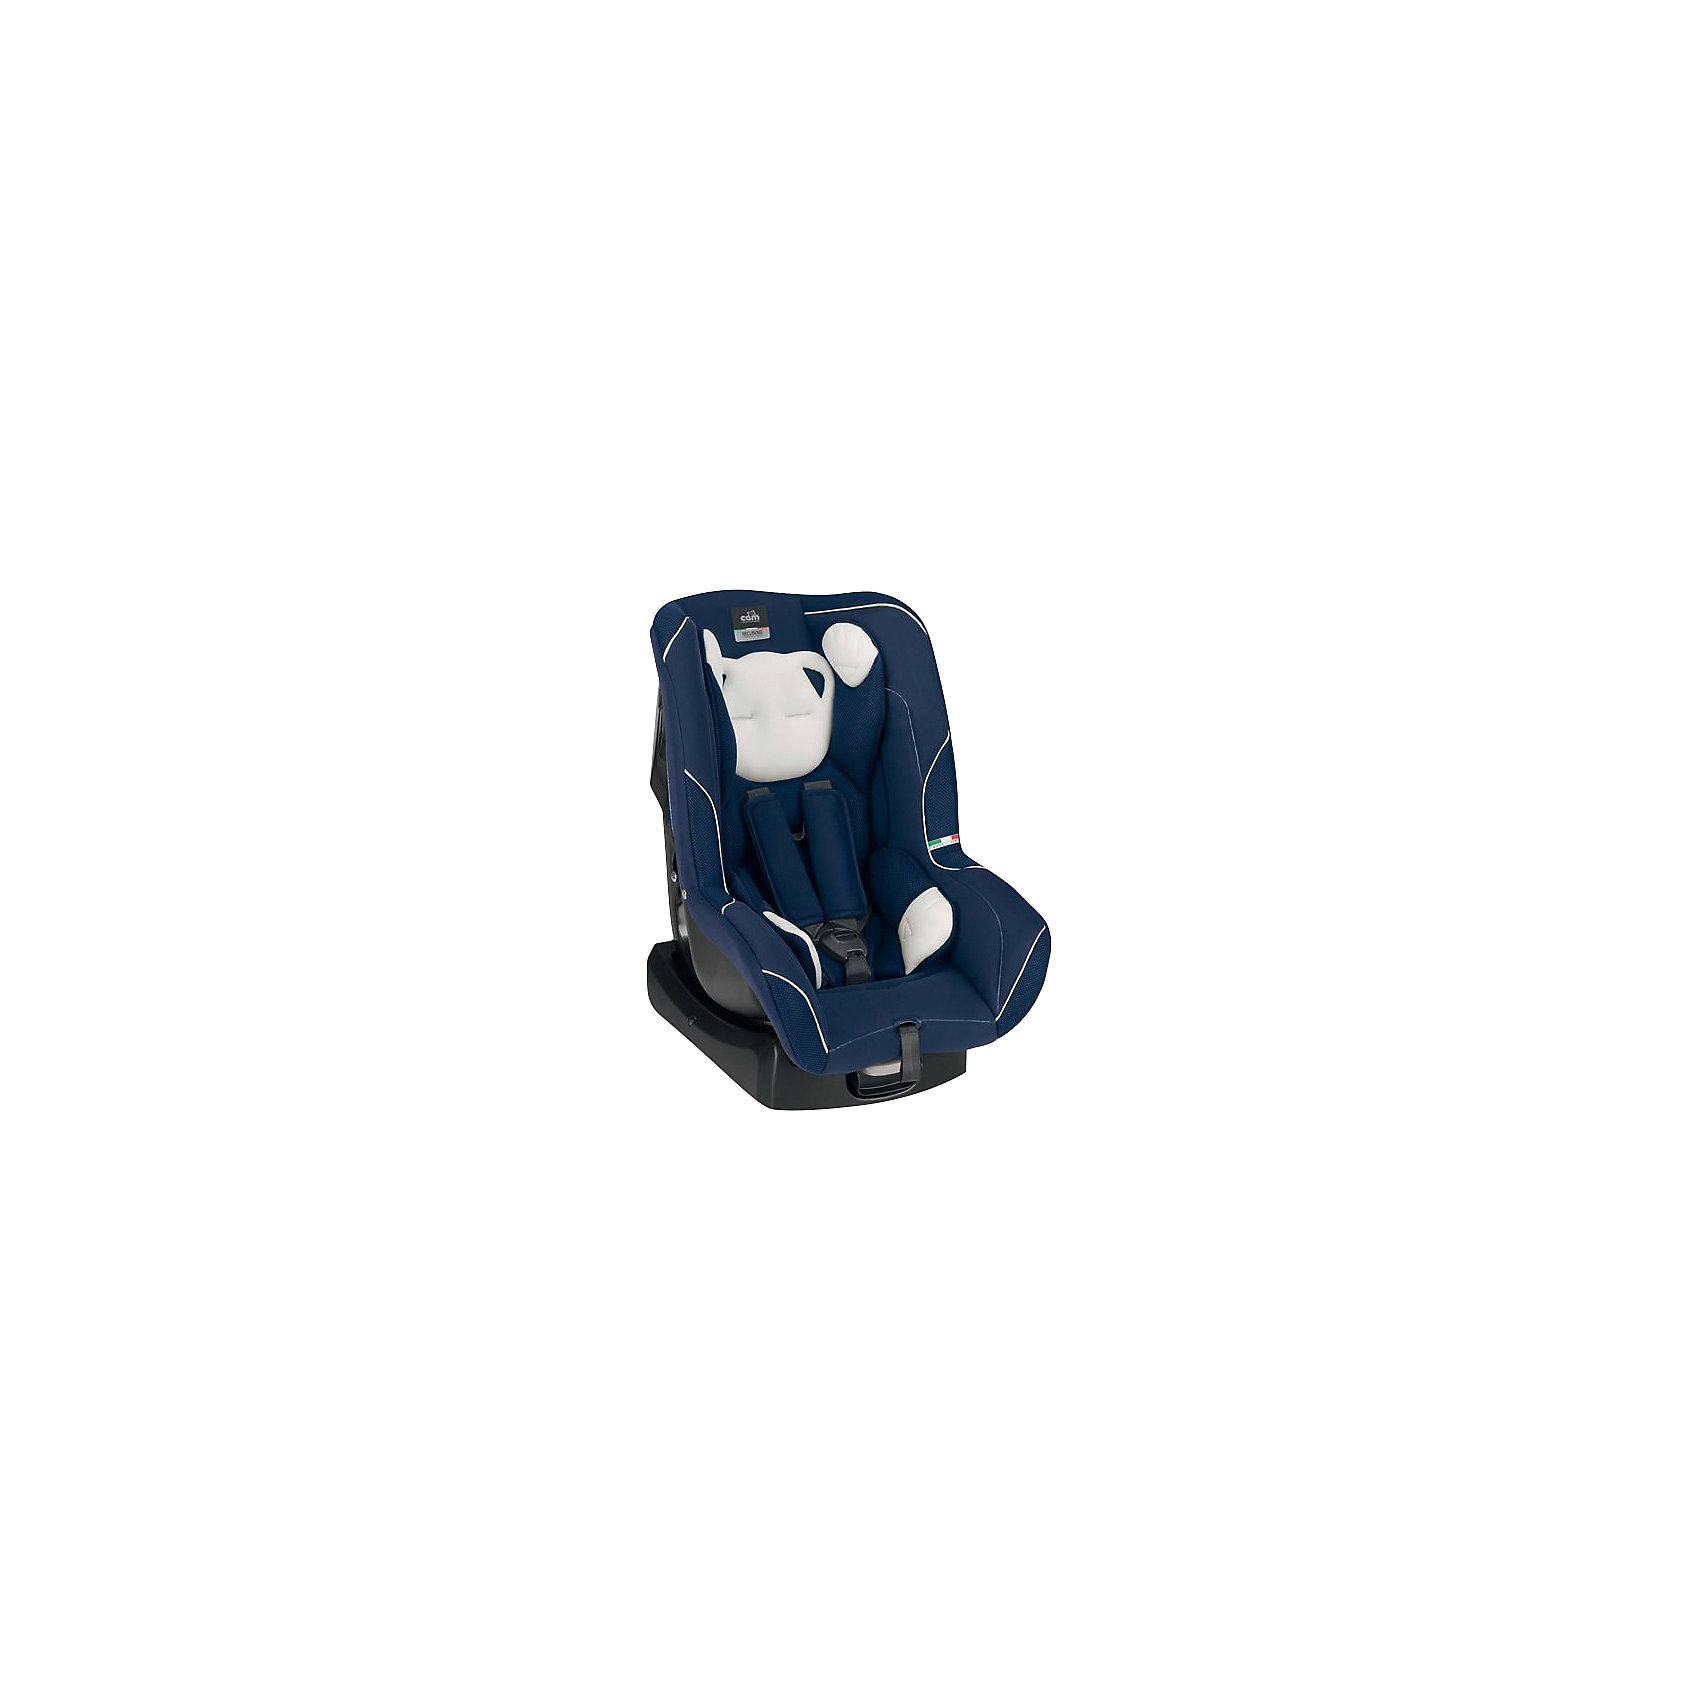 Автокресло Auto Gara, 0-18 кг., CAM, синий/серыйАвтокресло Auto Gara (Авто Гара), 0-18 кг., от CAM (КАМ) - это прекрасный выбор для путешествий малыша с рождения до 3 лет. Благодаря удобным регулировкам кресло подстраивается под меняющиеся потребности растущего малыша. Для новорожденным предусмотрена анатомическая вставка и пять положений наклона спинки, которые обеспечат здоровый и комфортный сон. Подросший малыш будет так же хорошо защищен в кресле благодаря усиленной боковой защите и удобному подголовнику. Вы можете без труда отрегулировать пятиточечные ремни кресла по высоте, чтобы обеспечить высочайший уровень безопасности ребенку любого роста. Не бойтесь испачкать сиденье, чехол из технологичной ткани легко стирается и кресло снова выглядит как новое. Кресло легко установить в машине и закрепить штатными ремнями безопасности: до 9 месяцев против хода движения, послед 9 месяцев по ходу движения автомобиля.<br><br>Дополнительная информация:<br><br>- Группа: 0/1 (от 0 до 18 кг);<br>- Соответствует европейским нормам безопасности ECE R44/04;<br>- Усиленная боковая защита;<br>- Вкладыш для новорожденных;<br>- Пять положений наклона спинки;<br>- Удобный подголовник;<br>- Надежные пятиточечные ремни безопасности;<br>- Регулировка ремней одним движением;<br>- Устанавливается в автомобиле спиной по направлению движения до 9 мес, и по направлению движения после 9 мес;<br>- Съемную обивку можно стирать;<br>- Цвет: синий/серый;<br>- Размер: 64 х 59 х 41 см;<br>- Вес: 5,5 кг<br><br>Автокресло Auto Gara (Авто Гара) , 0-18 кг., CAM (КАМ), синее/серое можно купить в нашем интернет-магазине.<br><br>Ширина мм: 900<br>Глубина мм: 600<br>Высота мм: 420<br>Вес г: 5580<br>Цвет: сине-серый<br>Возраст от месяцев: 0<br>Возраст до месяцев: 48<br>Пол: Унисекс<br>Возраст: Детский<br>SKU: 4026335